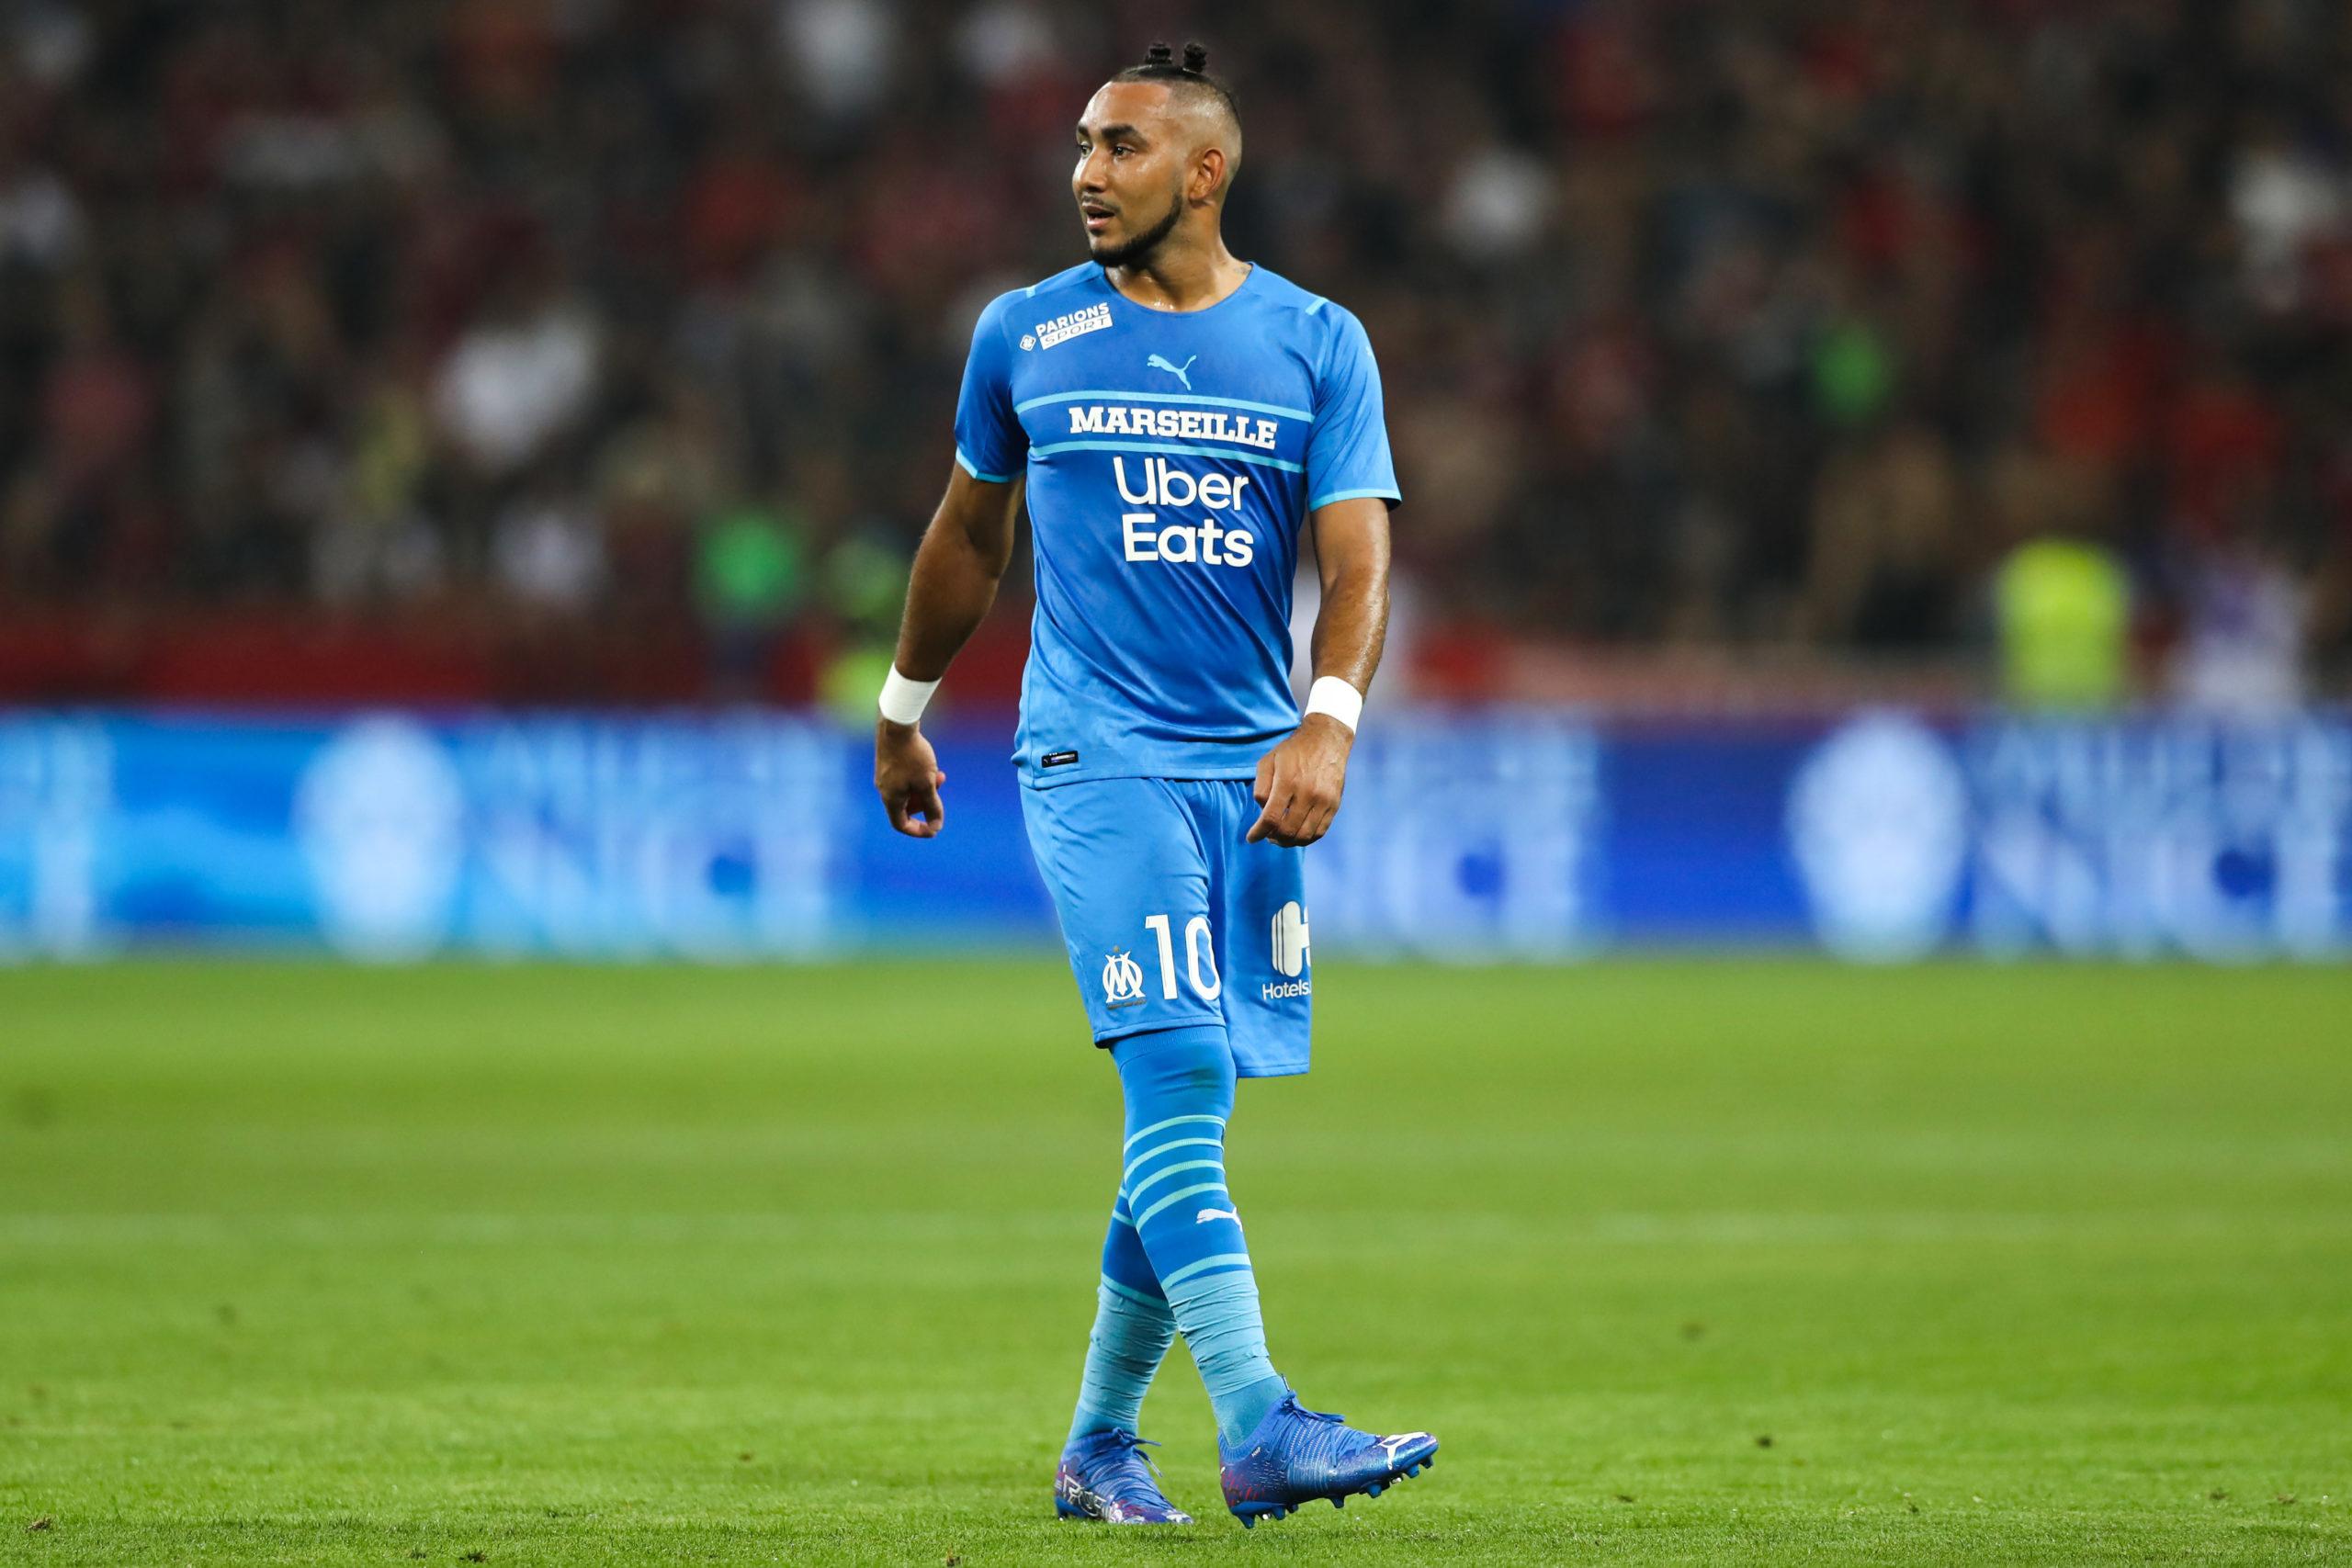 OM - Le frère de Payet met un quadruplé face au FC Nantes